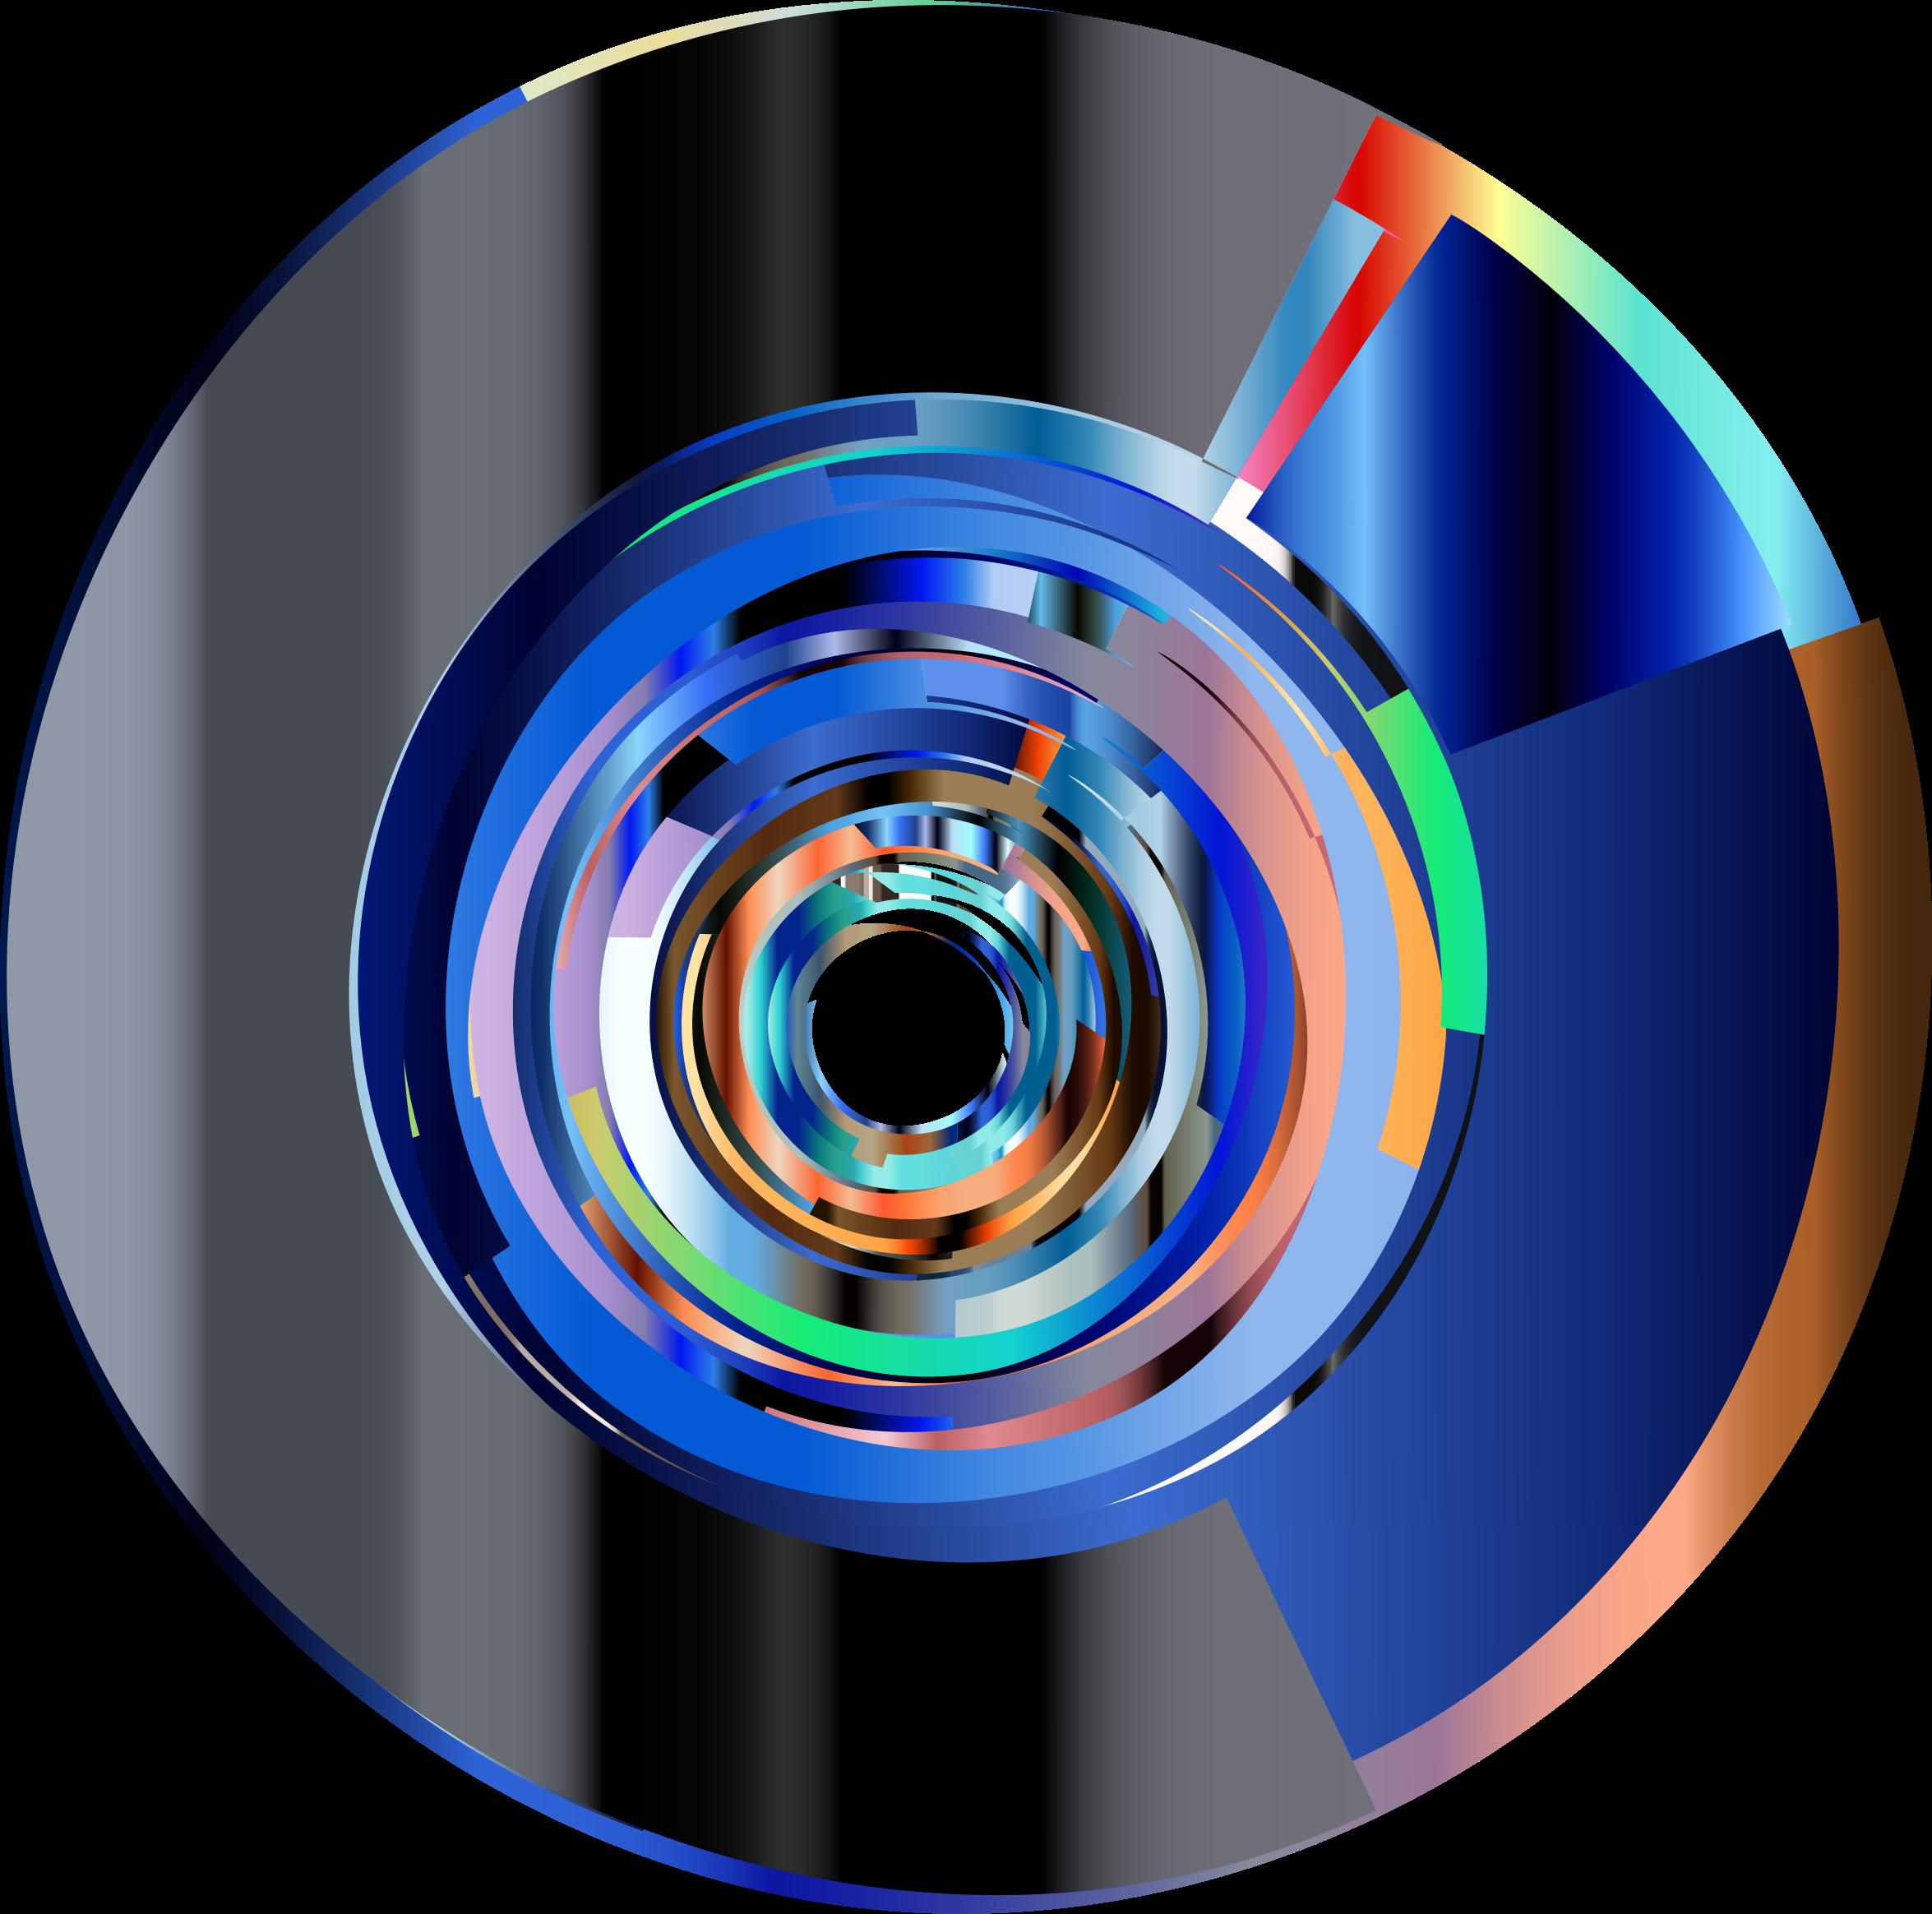 Cybernetic big image png. Clipart eye robot